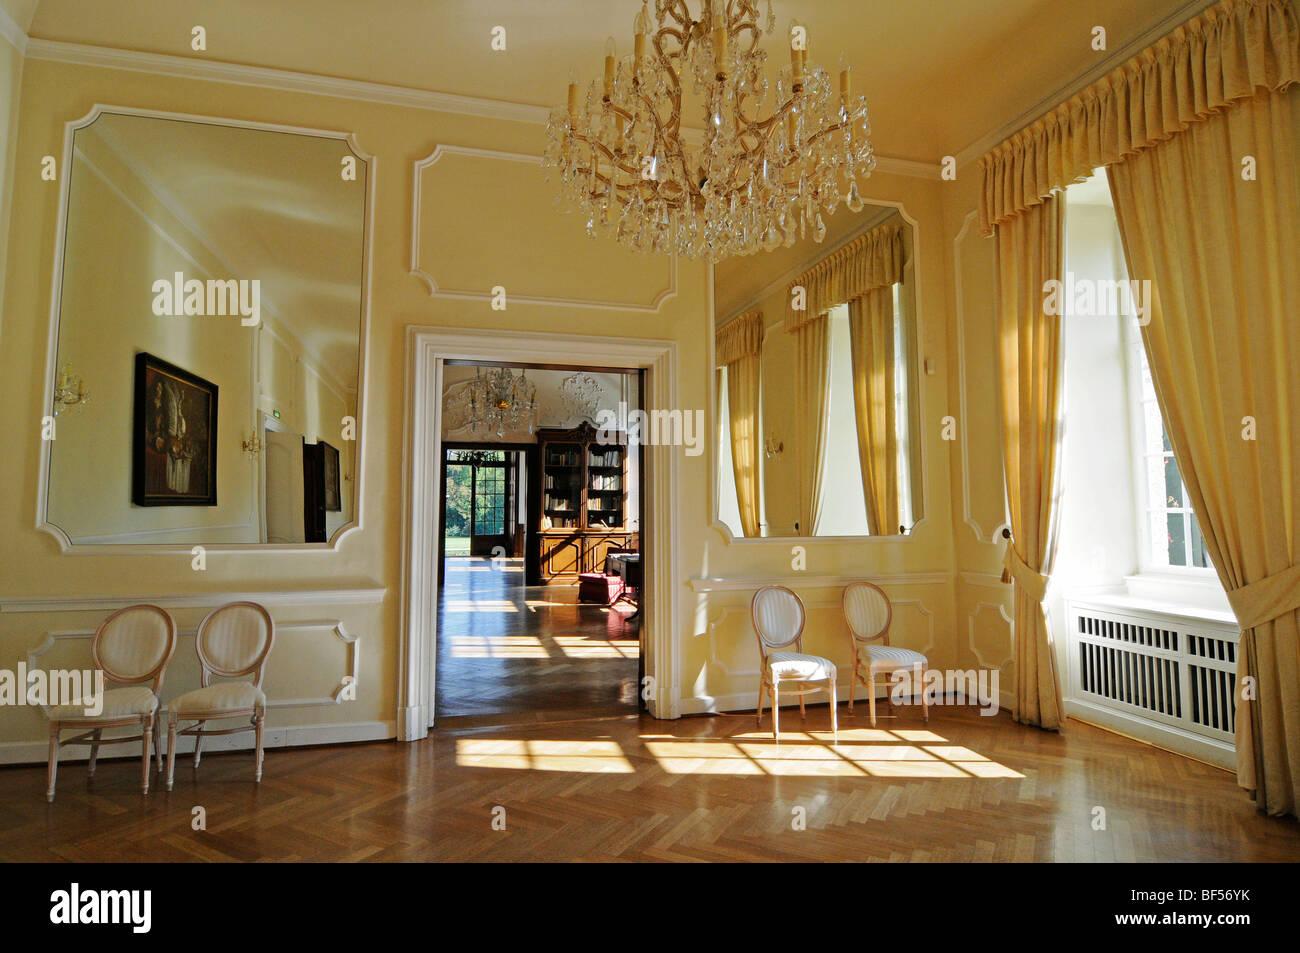 Sala banchetti, lounge, arredamento, design, Schloss Dyck, moated il castello barocco, museo, Juechen, Basso Reno, Immagini Stock